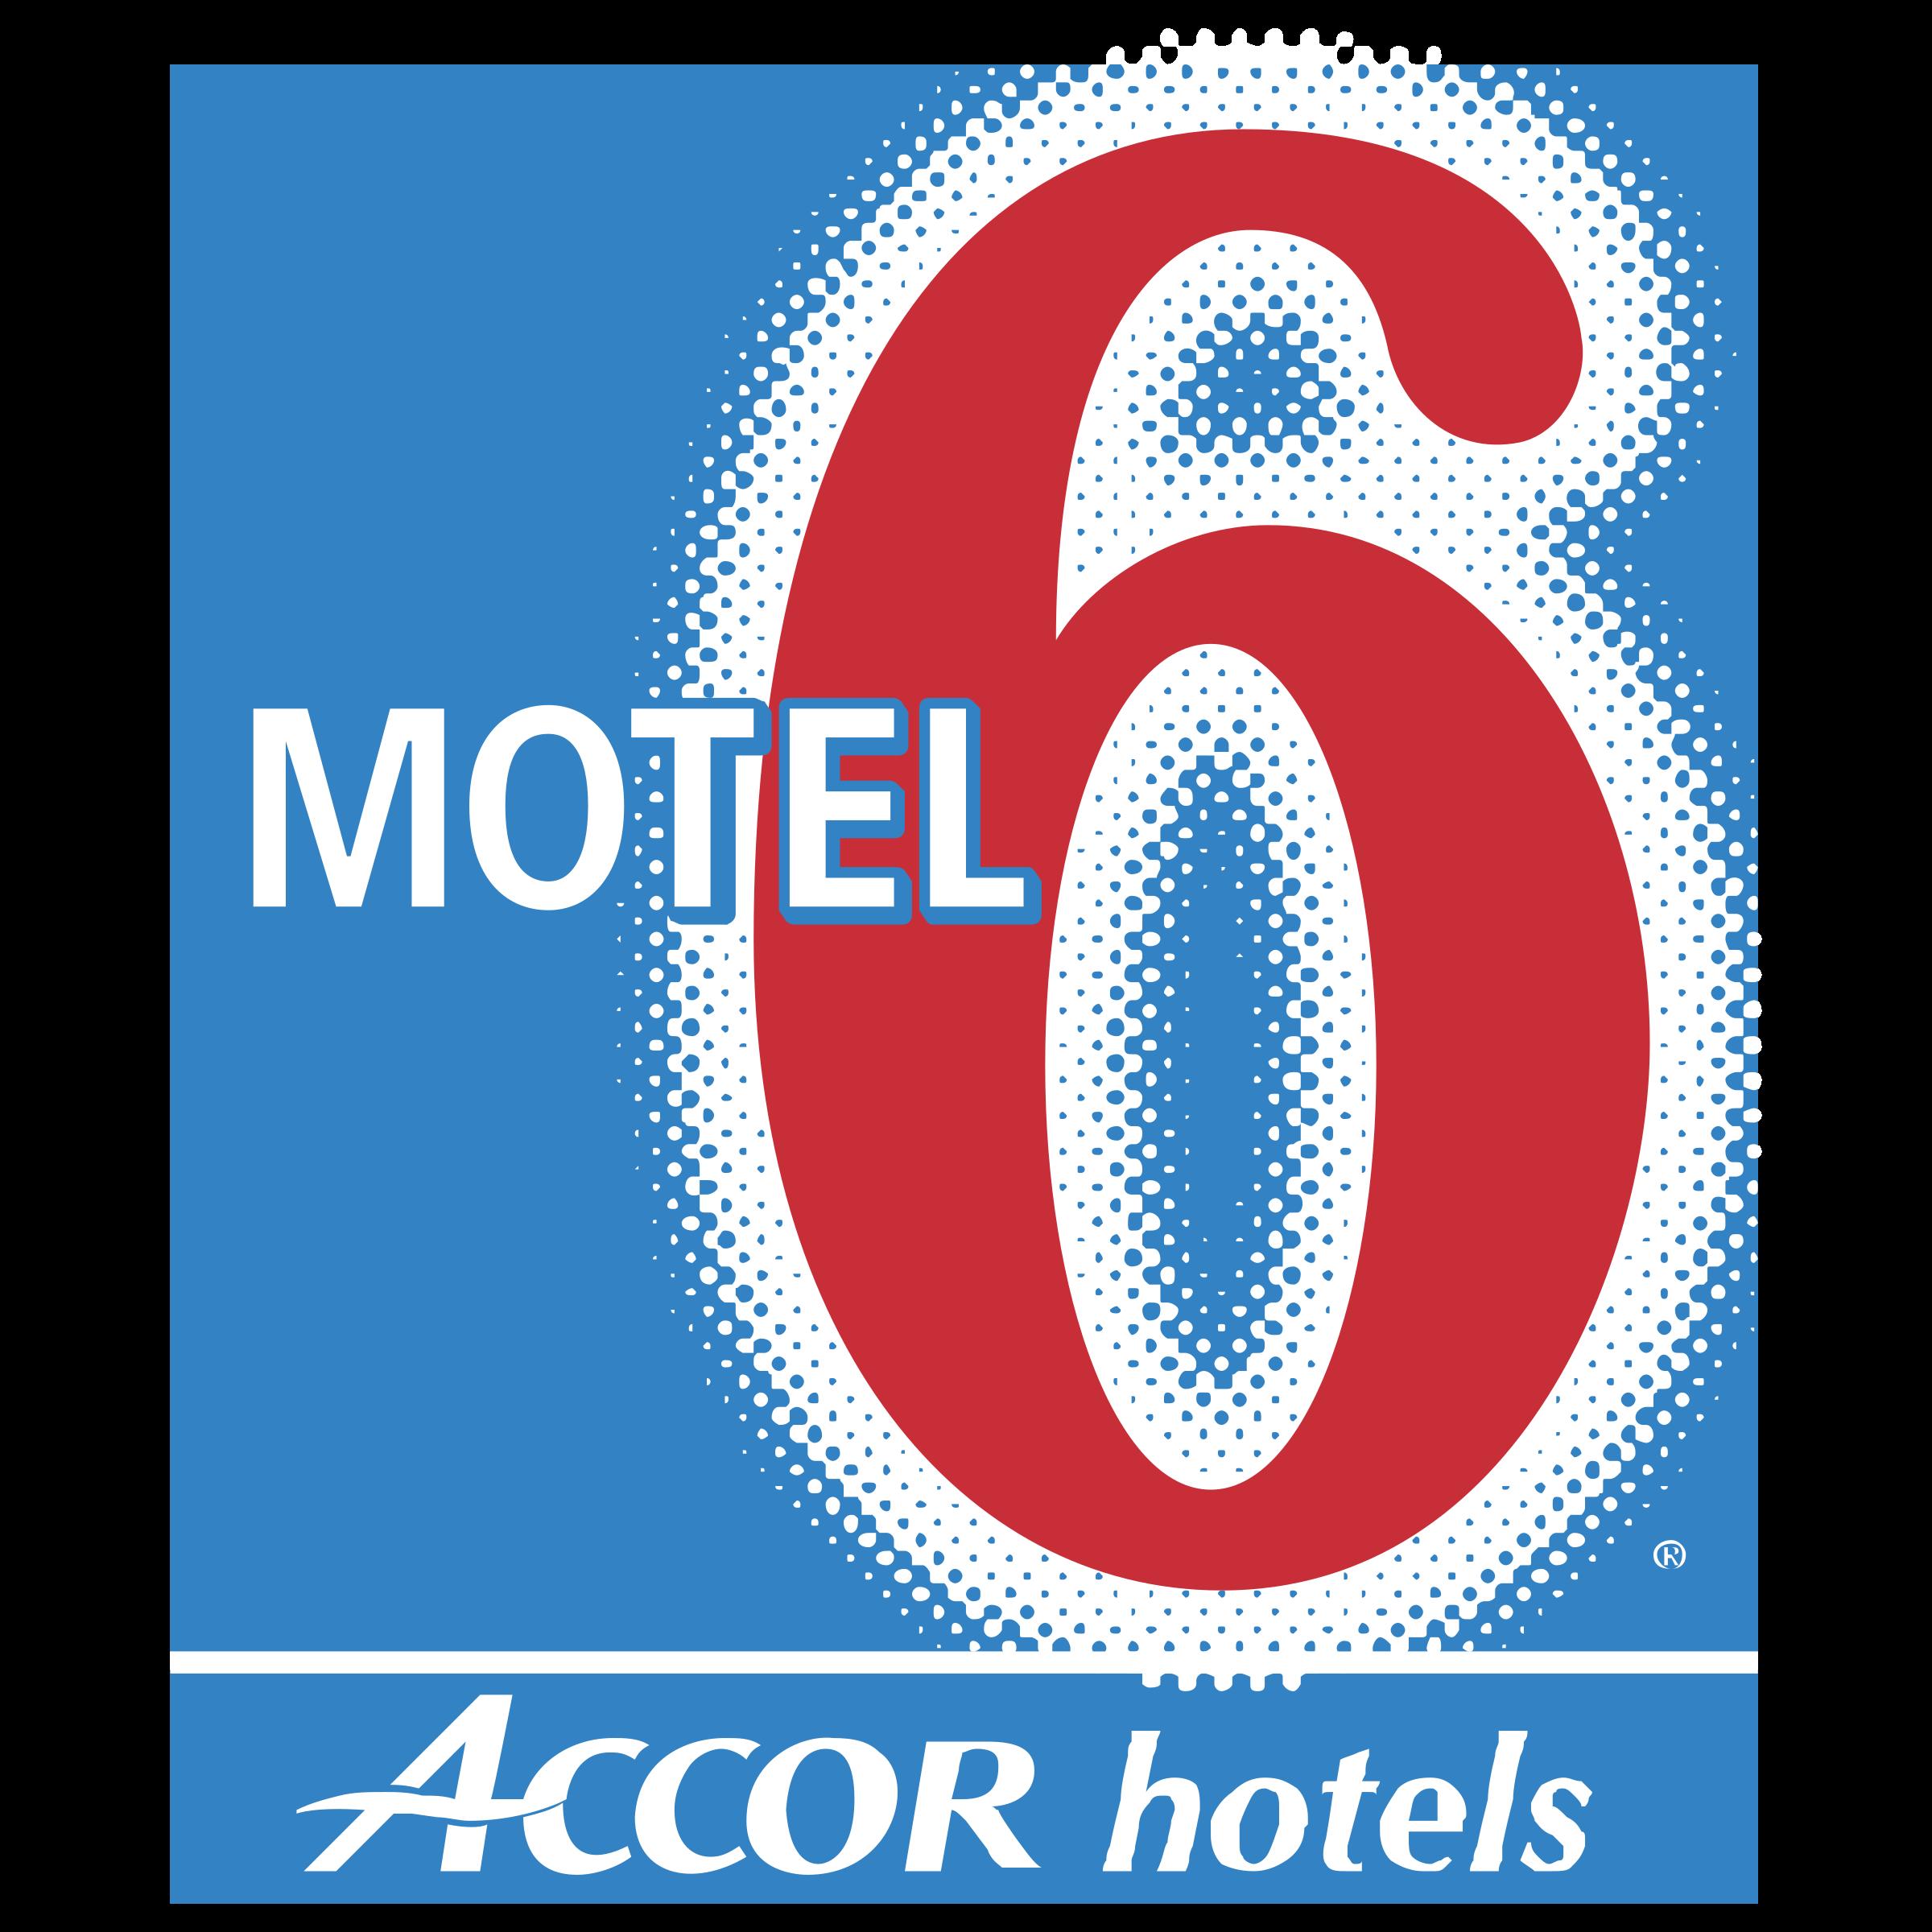 Motel 6 Logo PNG Transparent & SVG Vector.